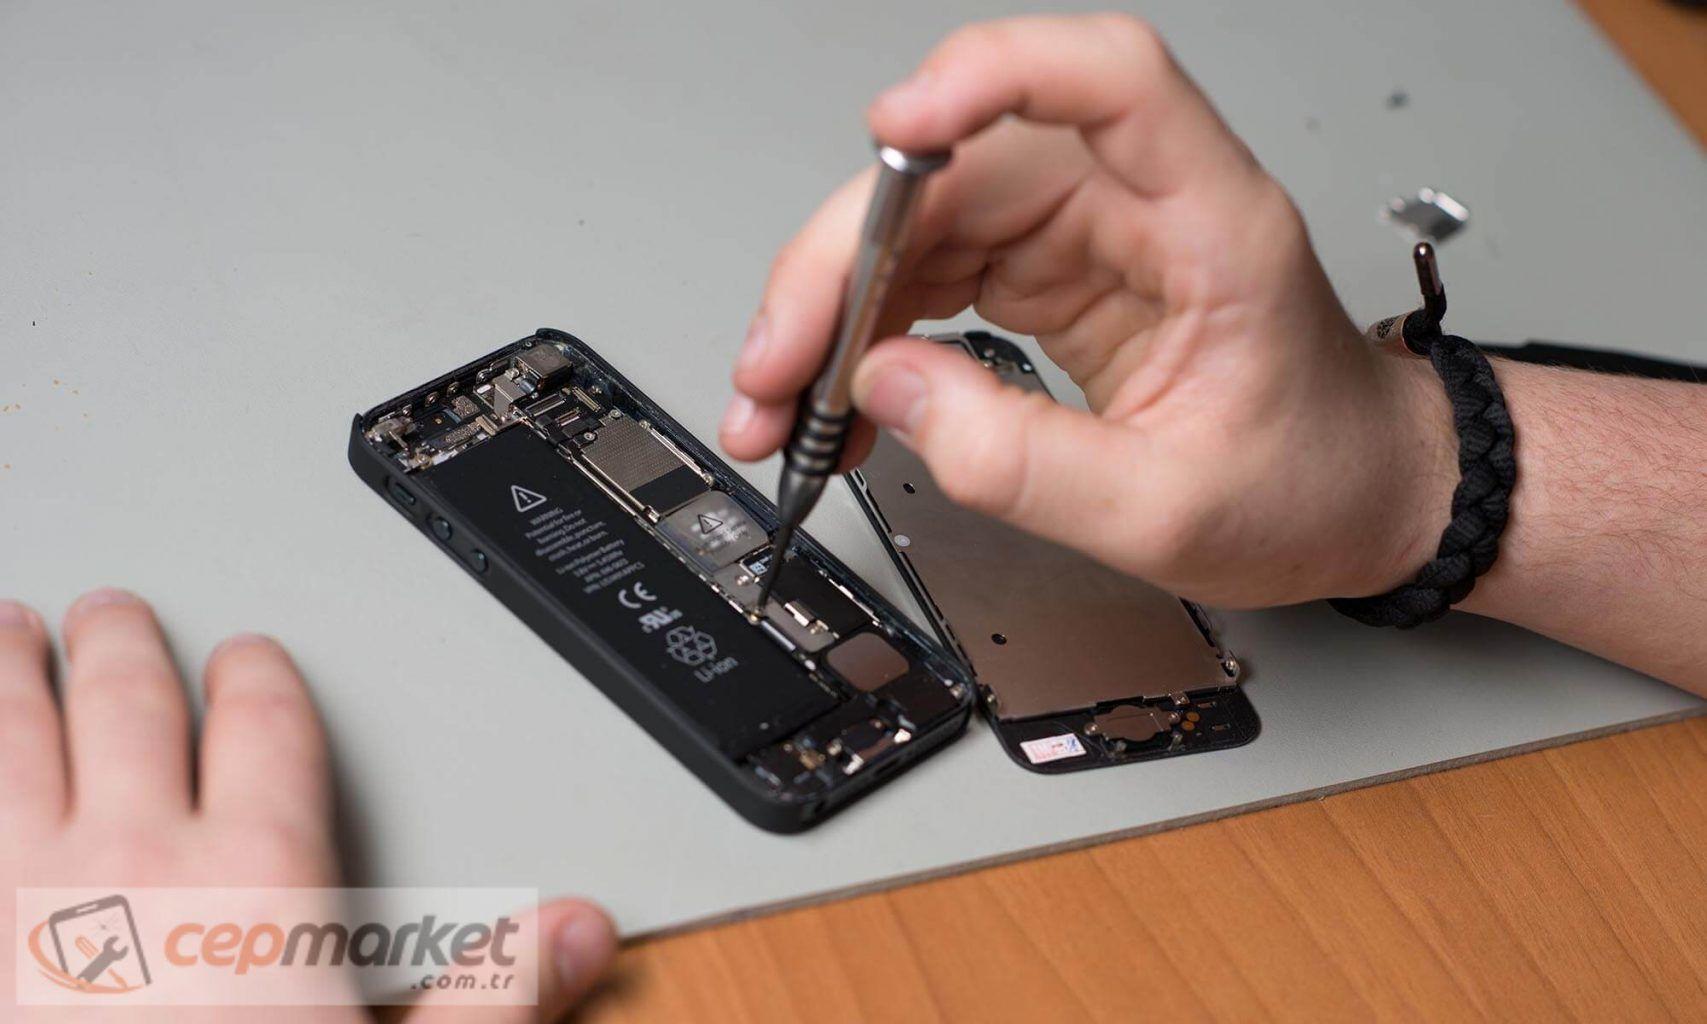 Cep Telefonu Dünyası CepMarket